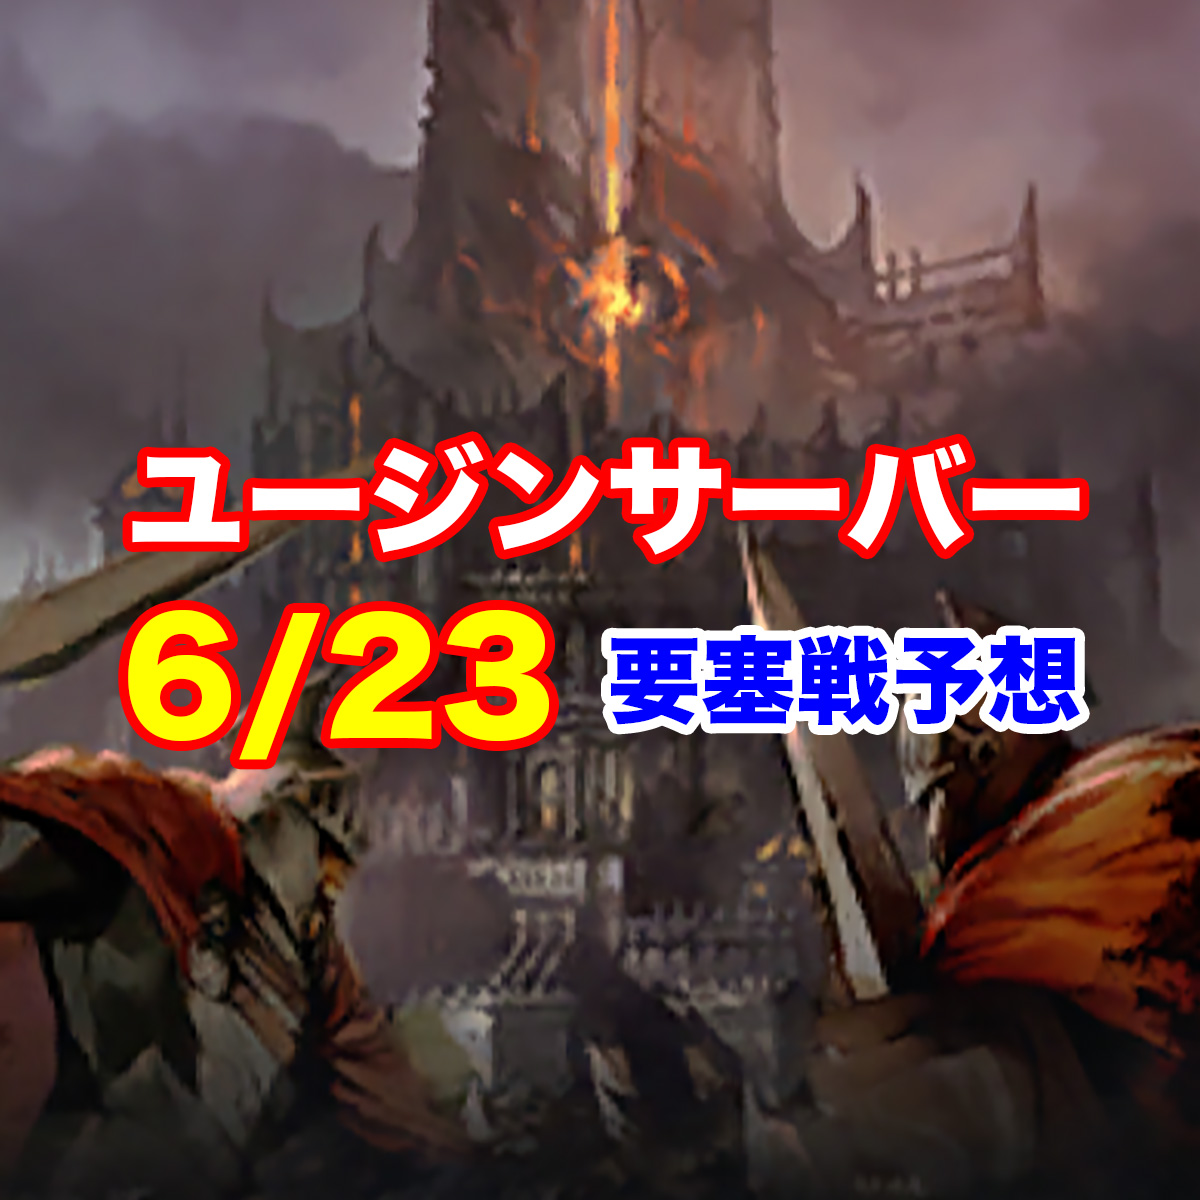 6/23 要塞戦予想